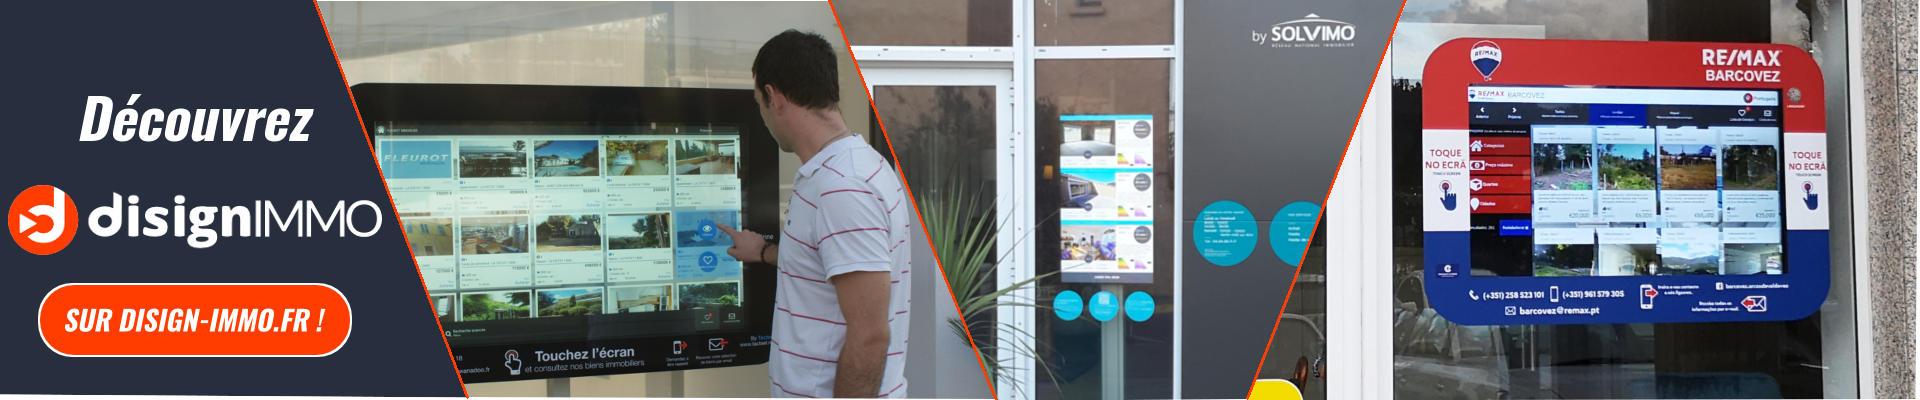 Image de lien vers DISIGN IMMO.fr - Solution d'affichage dynamique pour agences immobilières.